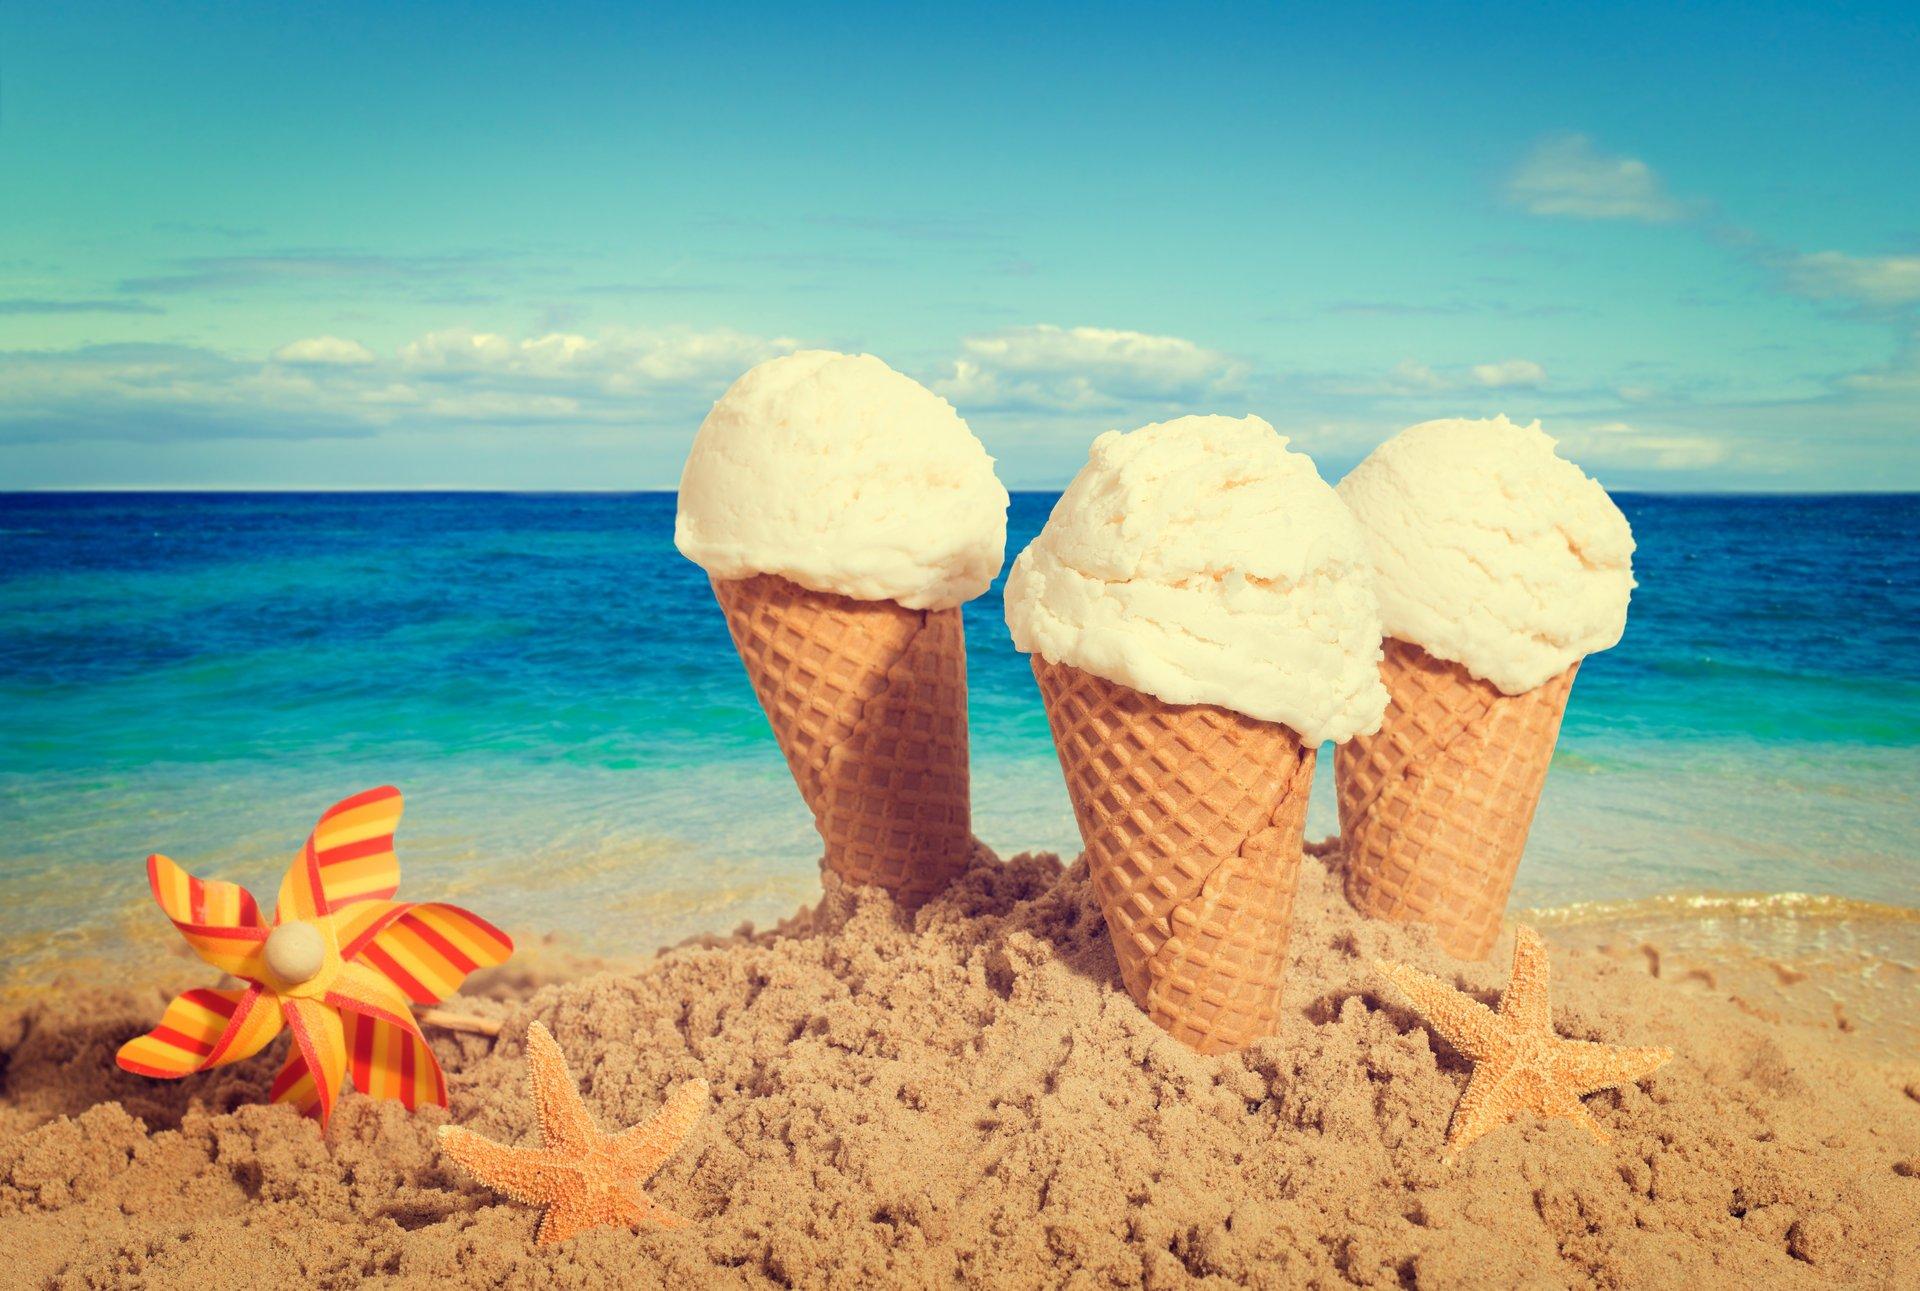 картинки лето море солнце жара хочет чтобы